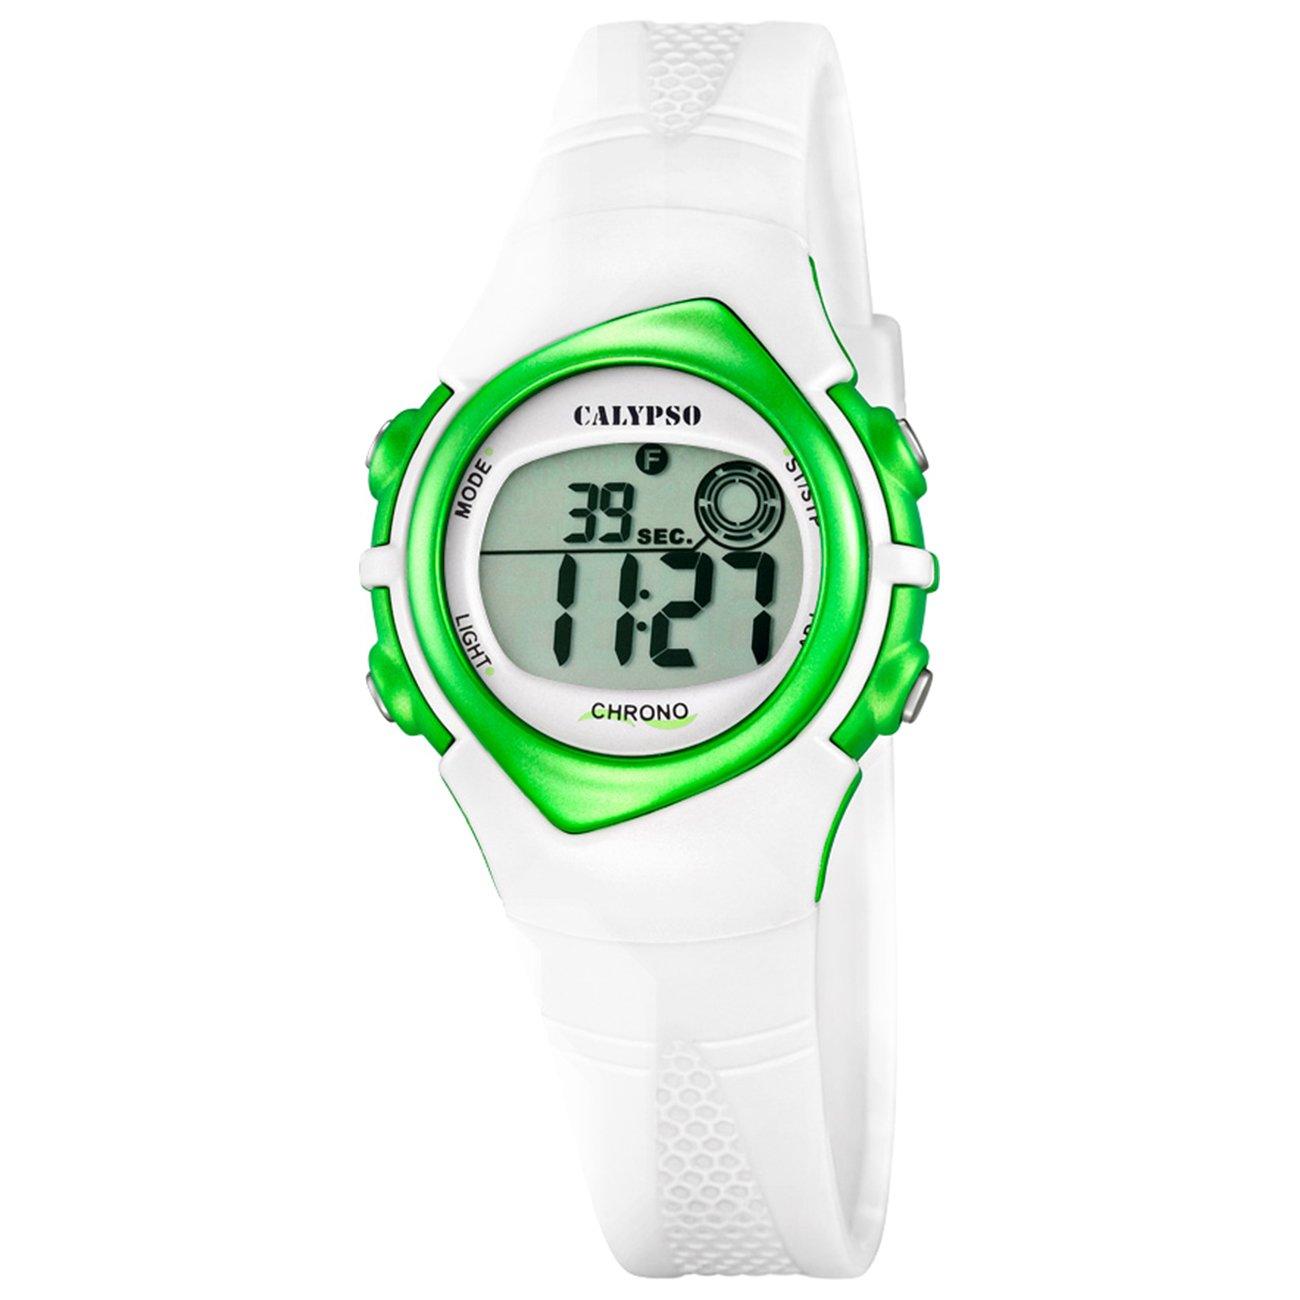 Calypso uk5630/4 - Reloj de pulsera de mujer color blanco: Calypso: Amazon.es: Relojes